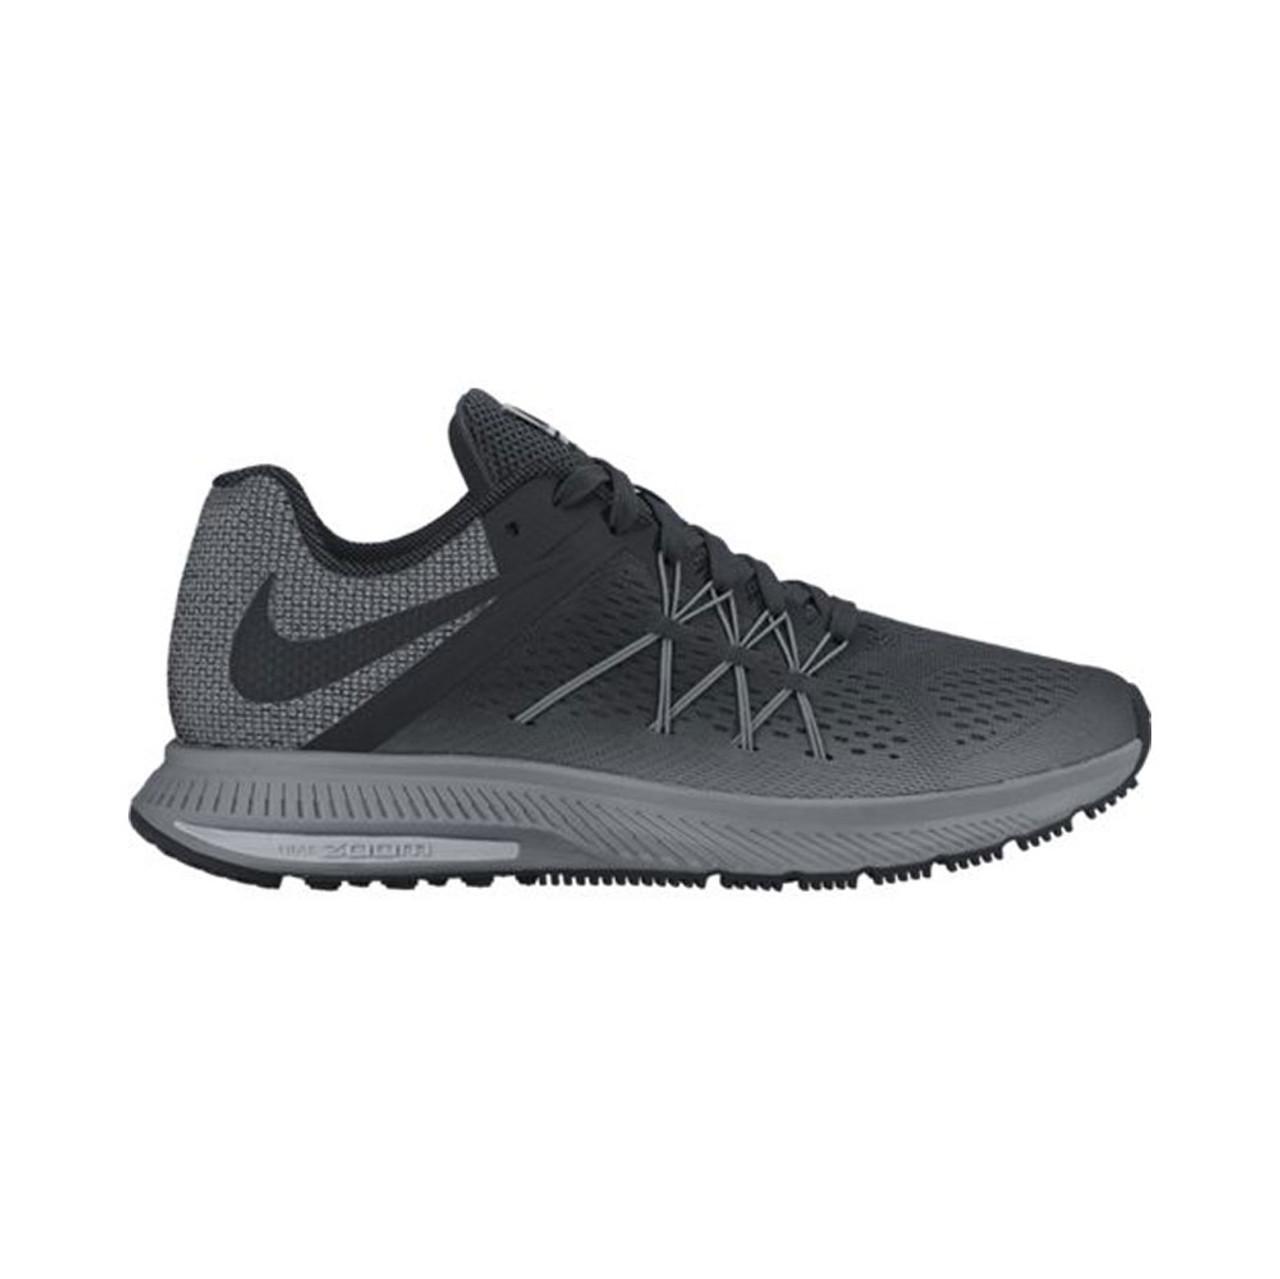 930abf802e84 Nike Men s Zoom Winflo 3 Shield Running Shoe Black Cool Grey - Shop now